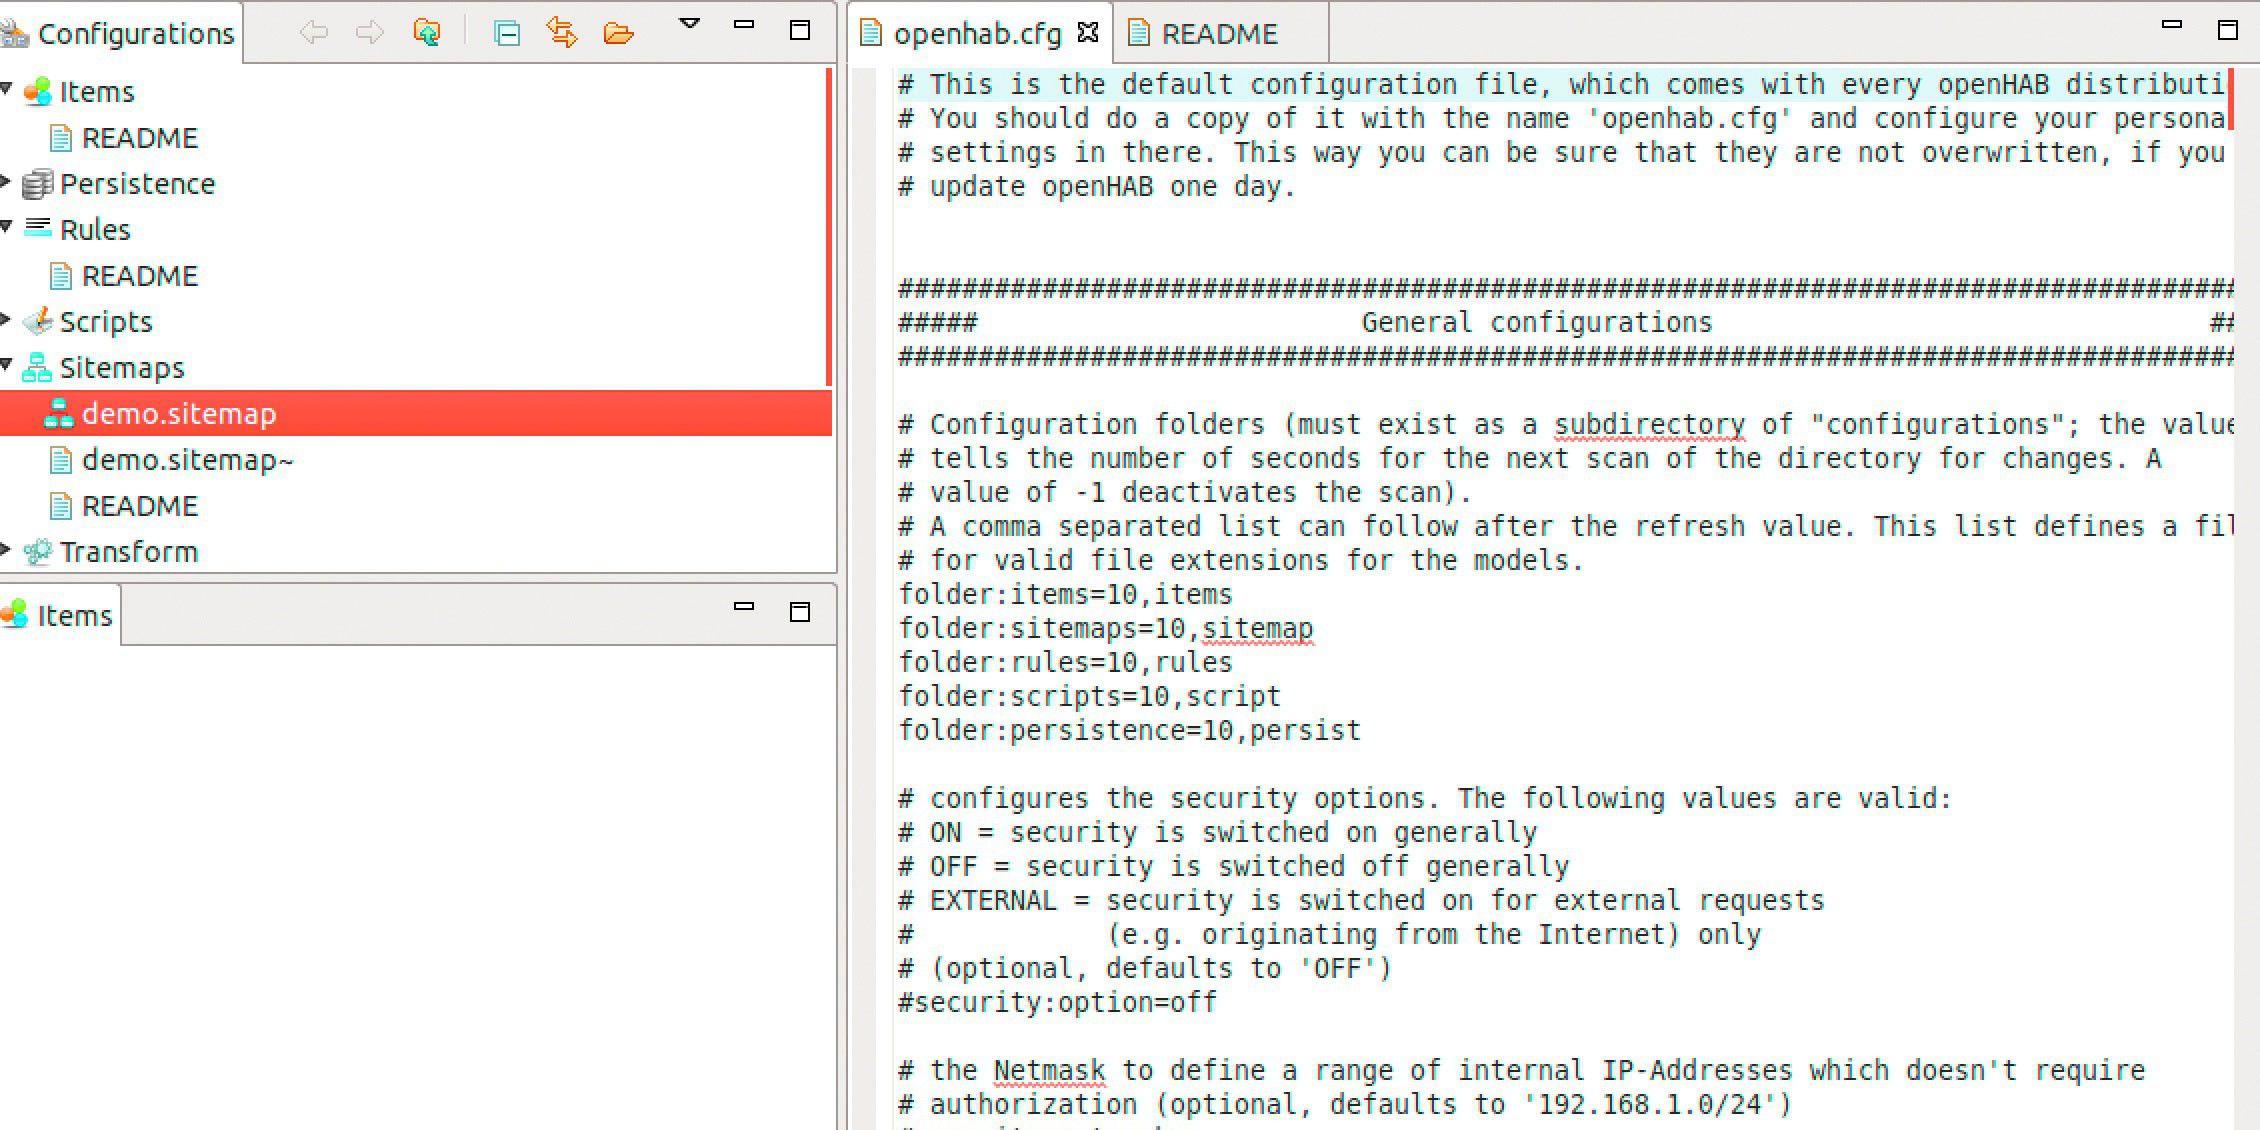 Hausautomation mit Open HAB & Raspberry Pi einrichten - PC-WELT